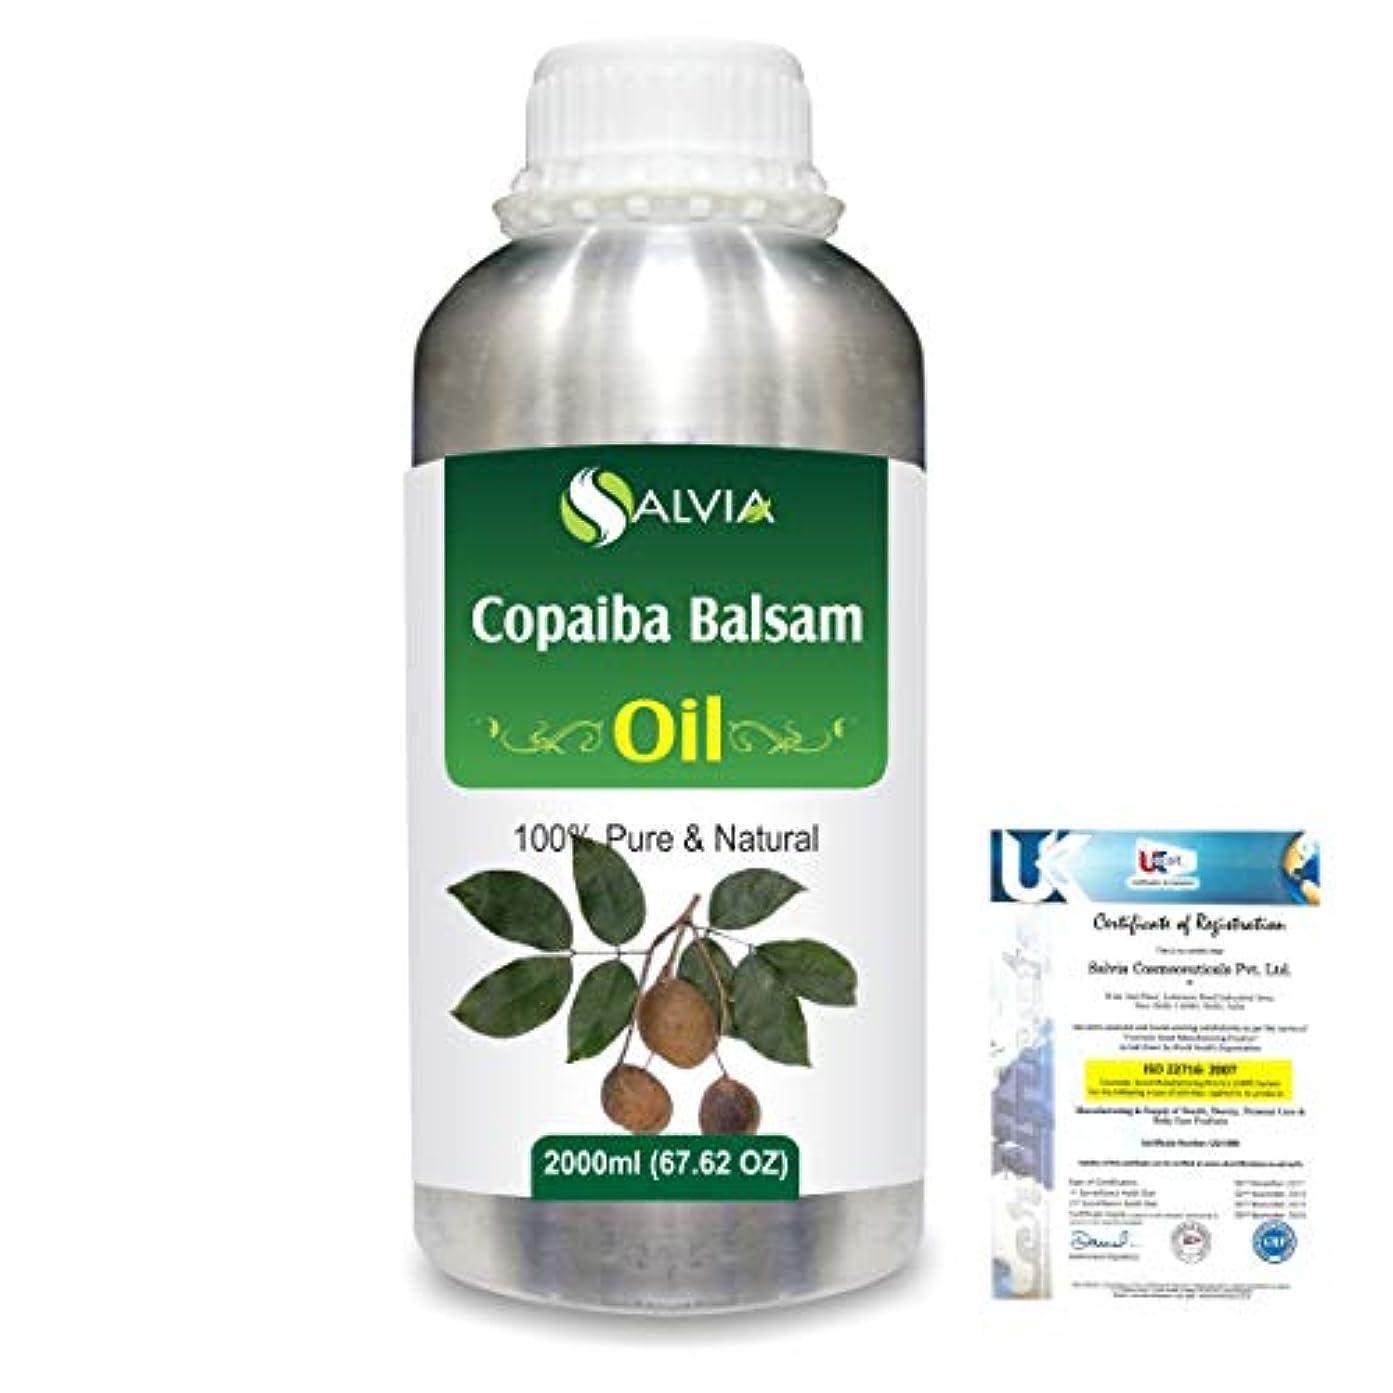 検索エンジン最適化に向かってテザーCopaiba Balsam 100% Natural Pure Essential Oil 2000ml/67 fl.oz.